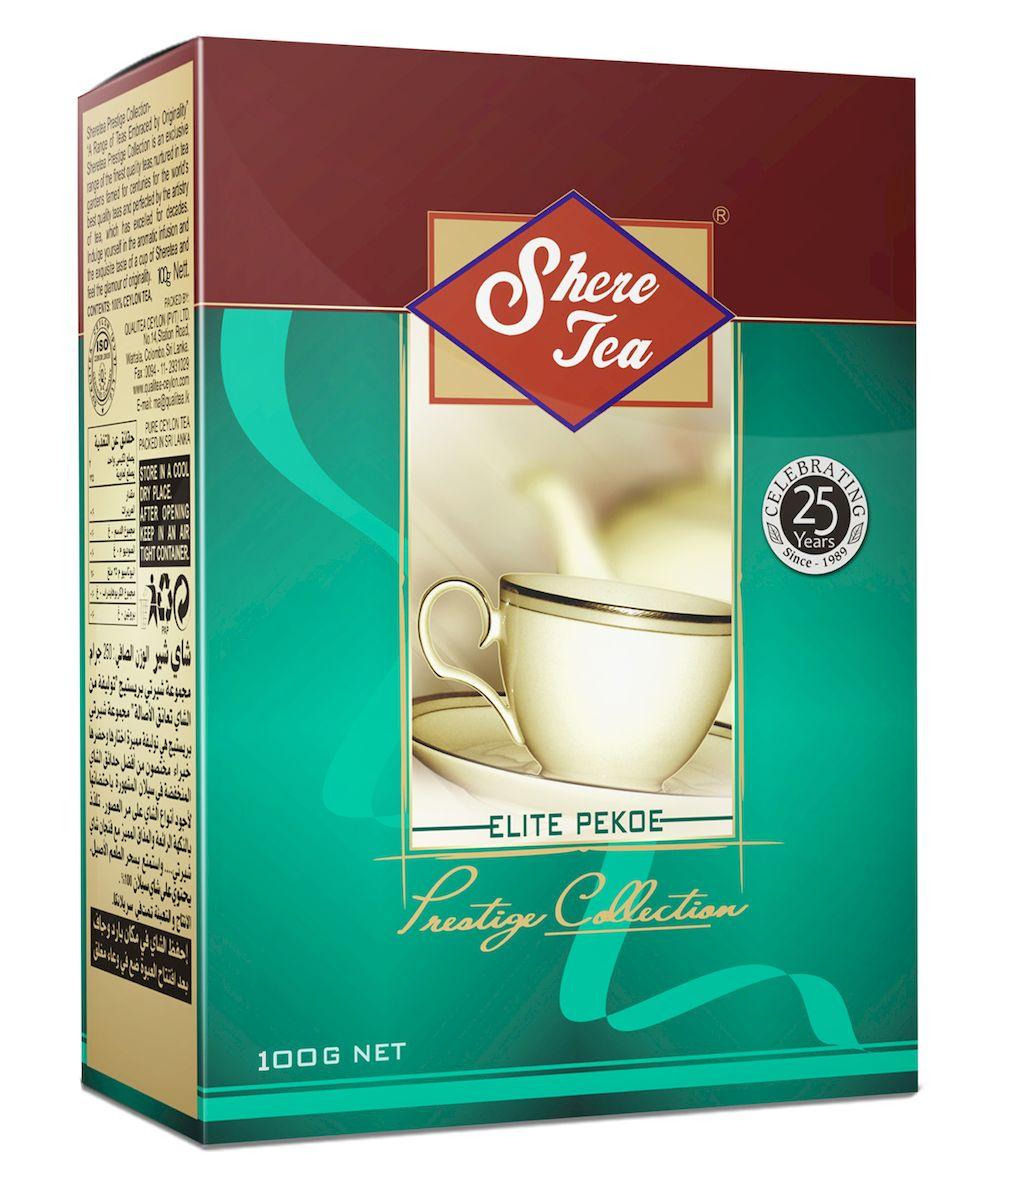 Shere Tea Престижная коллекция. PEKOE чай черный листовой, 100 г0120710Shere Tea Prestige Collection - это эксклюзивные сорта лучшего 100% цейлонского чая, выращенного в гористой местности на золотых плантациях, знаменитых более столетия. Вы получите наслаждение от аромата и особенного вкуса в каждой чашке чая Шери и прикоснетесь к очарованию его новизны.Чай Шери Престижная коллекция изготовлен из крупного листа стандарта РЕКОЕ. Этот чай состоит из более коротких и более взрослых, чем OP листьев. В сбор идут, как правило, вторые от почки листья. Поэтому в этом чае меньше содержание кофеина, чем в ОР, но зато он имеет более выраженную горчинку во вкусе, что нравится многим любителям чая. Чем более взрослый лист, тем в нем больше танина и дубильных веществ, которые и дают эту самую горчинку. Чай имеет яркий, прозрачный, интенсивный, настой. Аромат чая полный, приятный, выражен достаточно ярко.